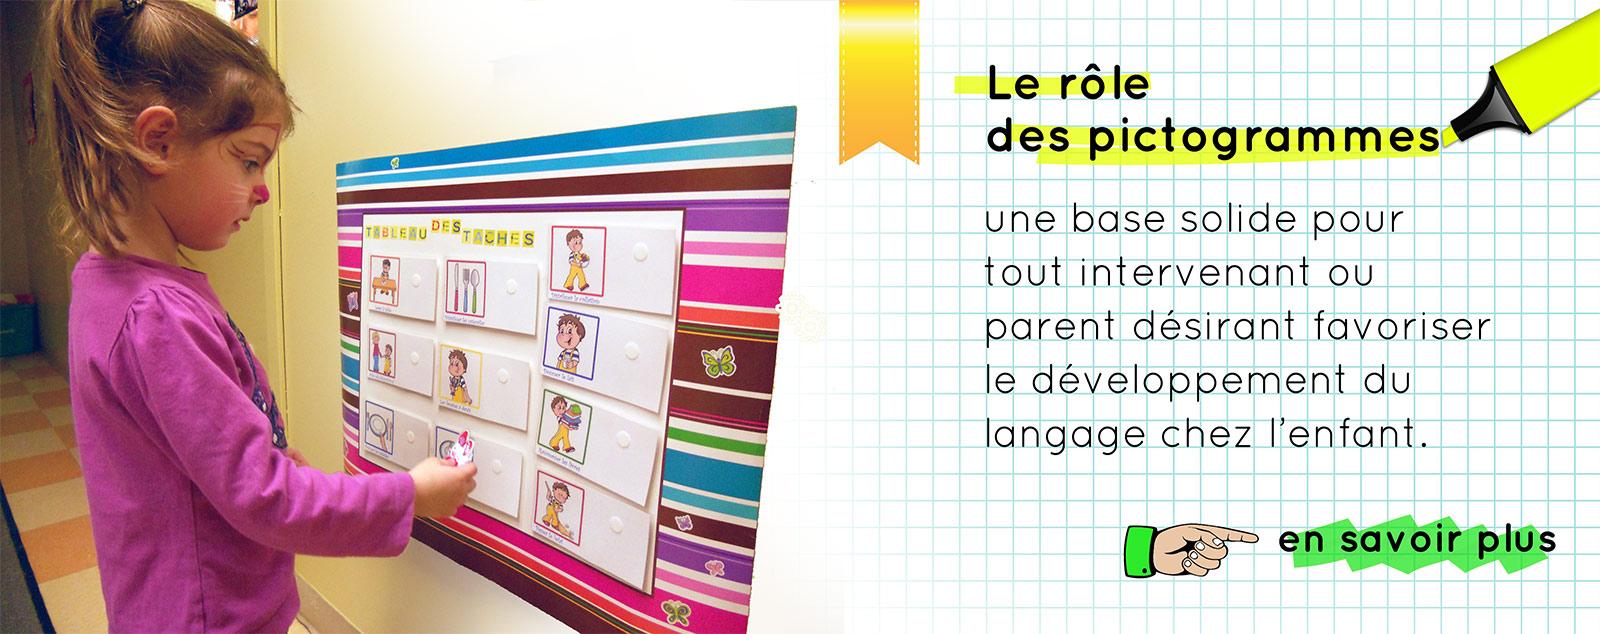 Admirable Les Pictogrammes - page d'accueil JY-93